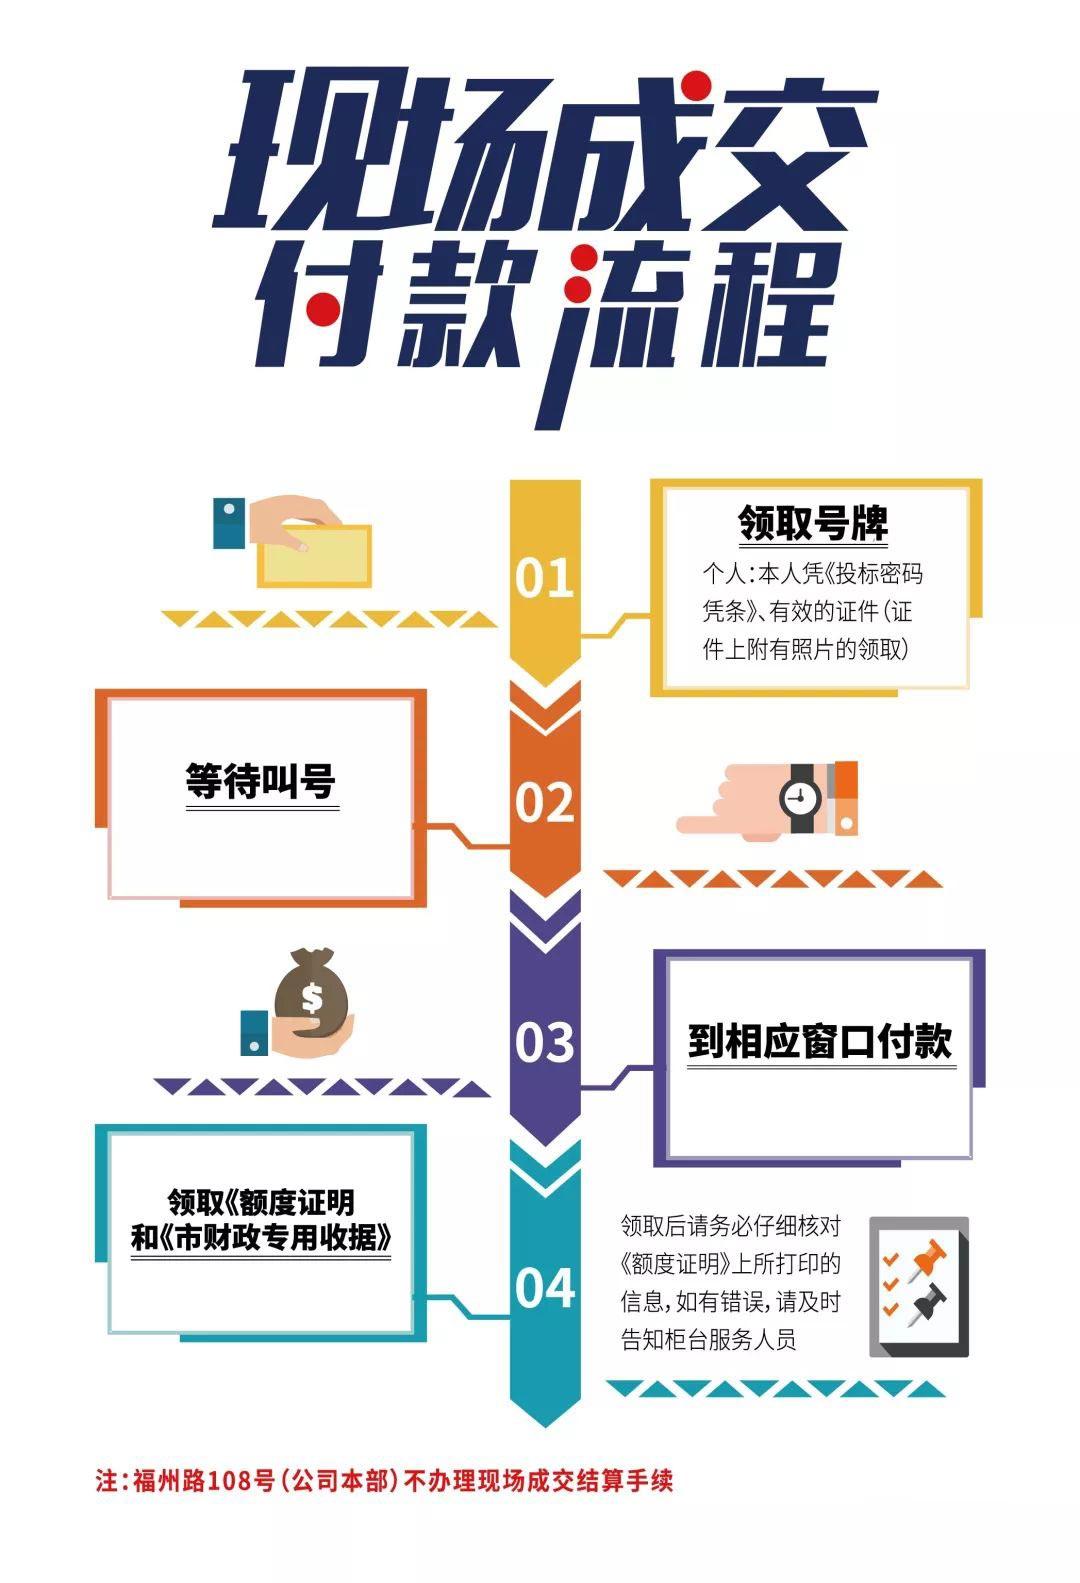 上海国拍现场付款操作流程